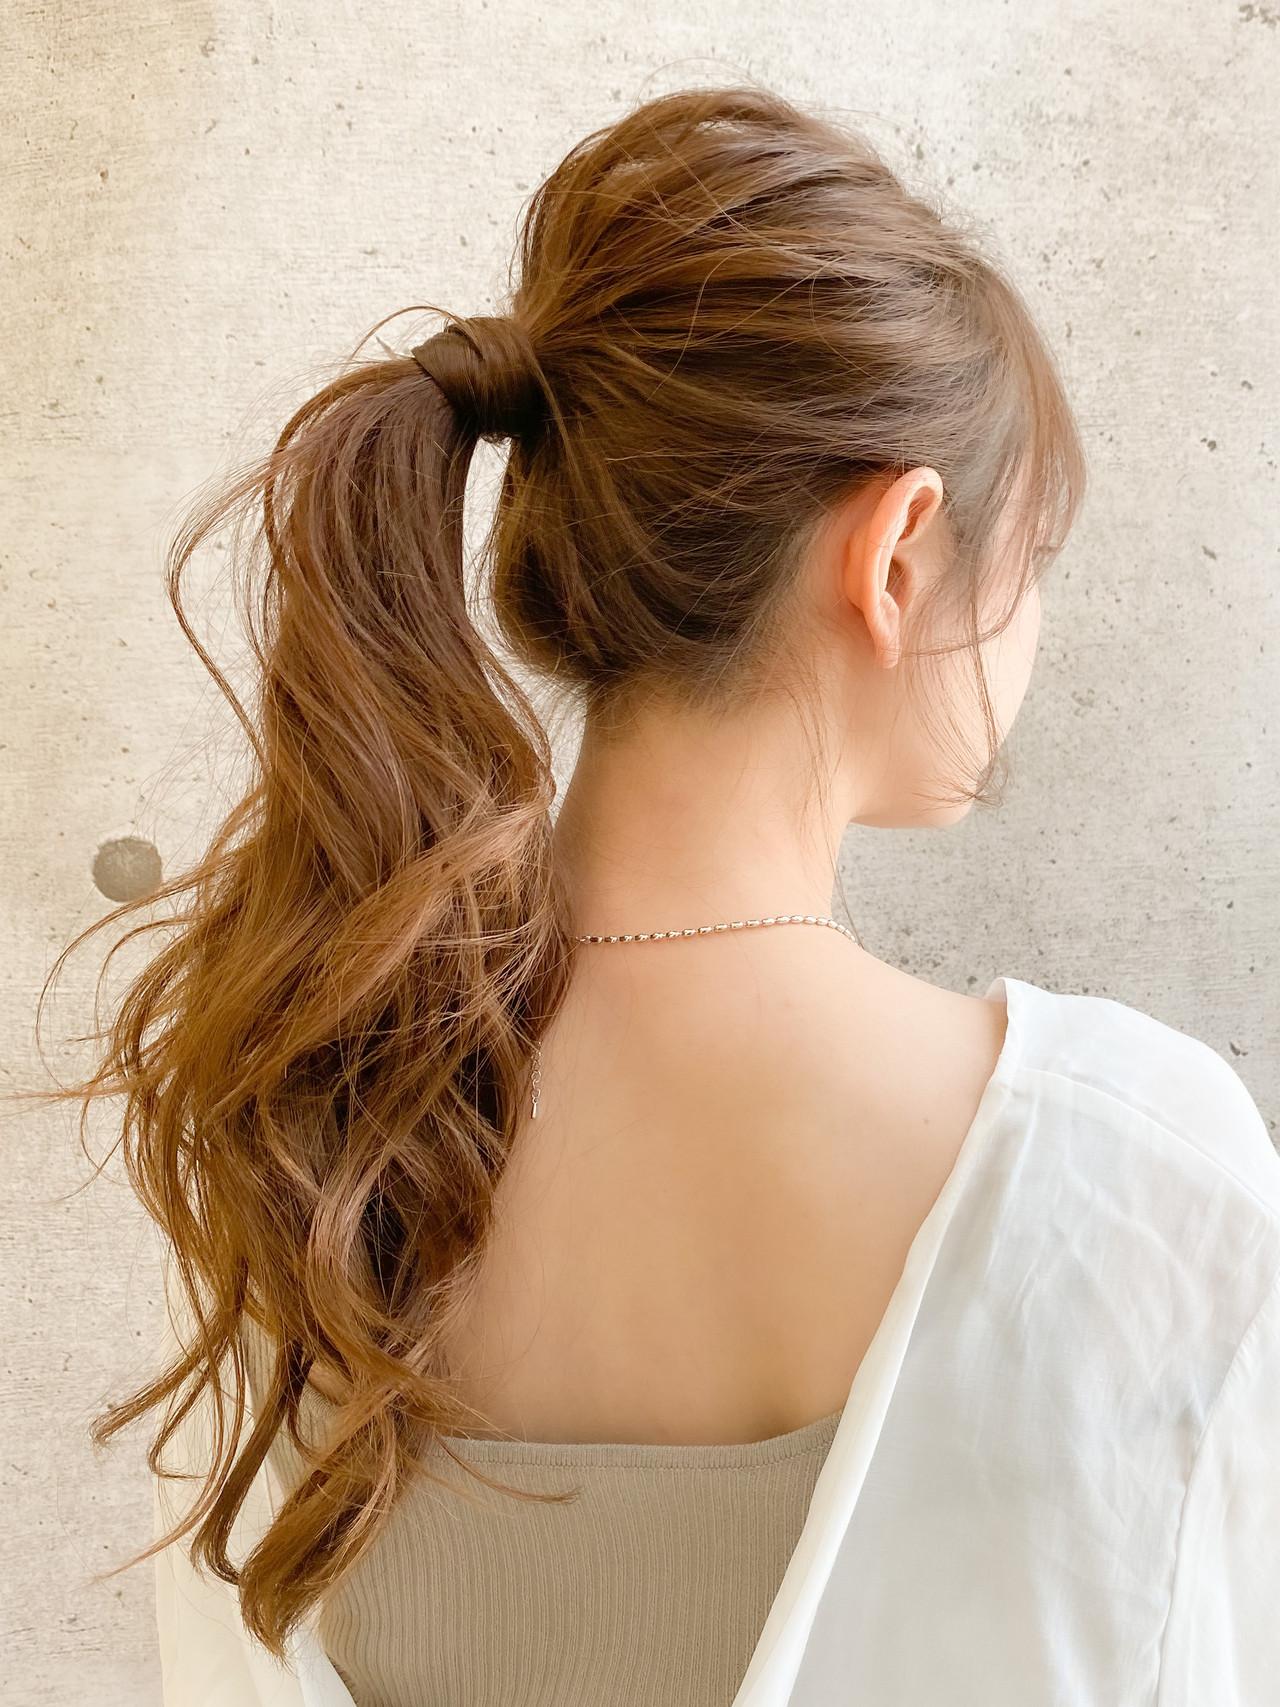 ポニーテールアレンジ デジタルパーマ ゆるふわセット ナチュラル ヘアスタイルや髪型の写真・画像